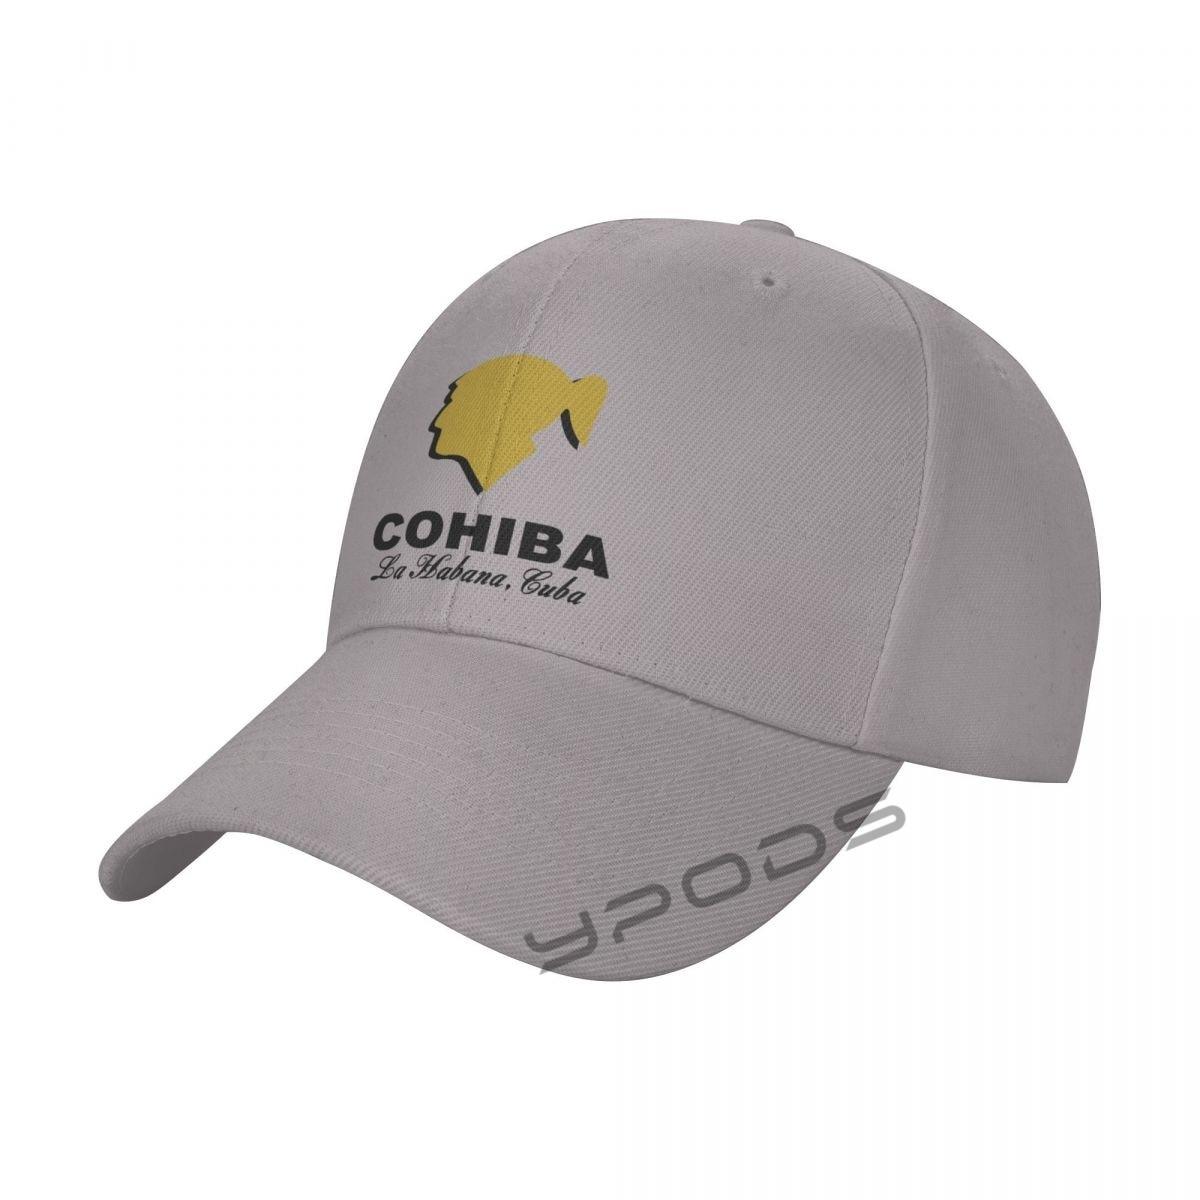 Новинка, бейсболка Cohiba для мужчин и женщин, Мужская кепка, Снэпбэк Кепка, повседневная Кепка, кепка, шапки